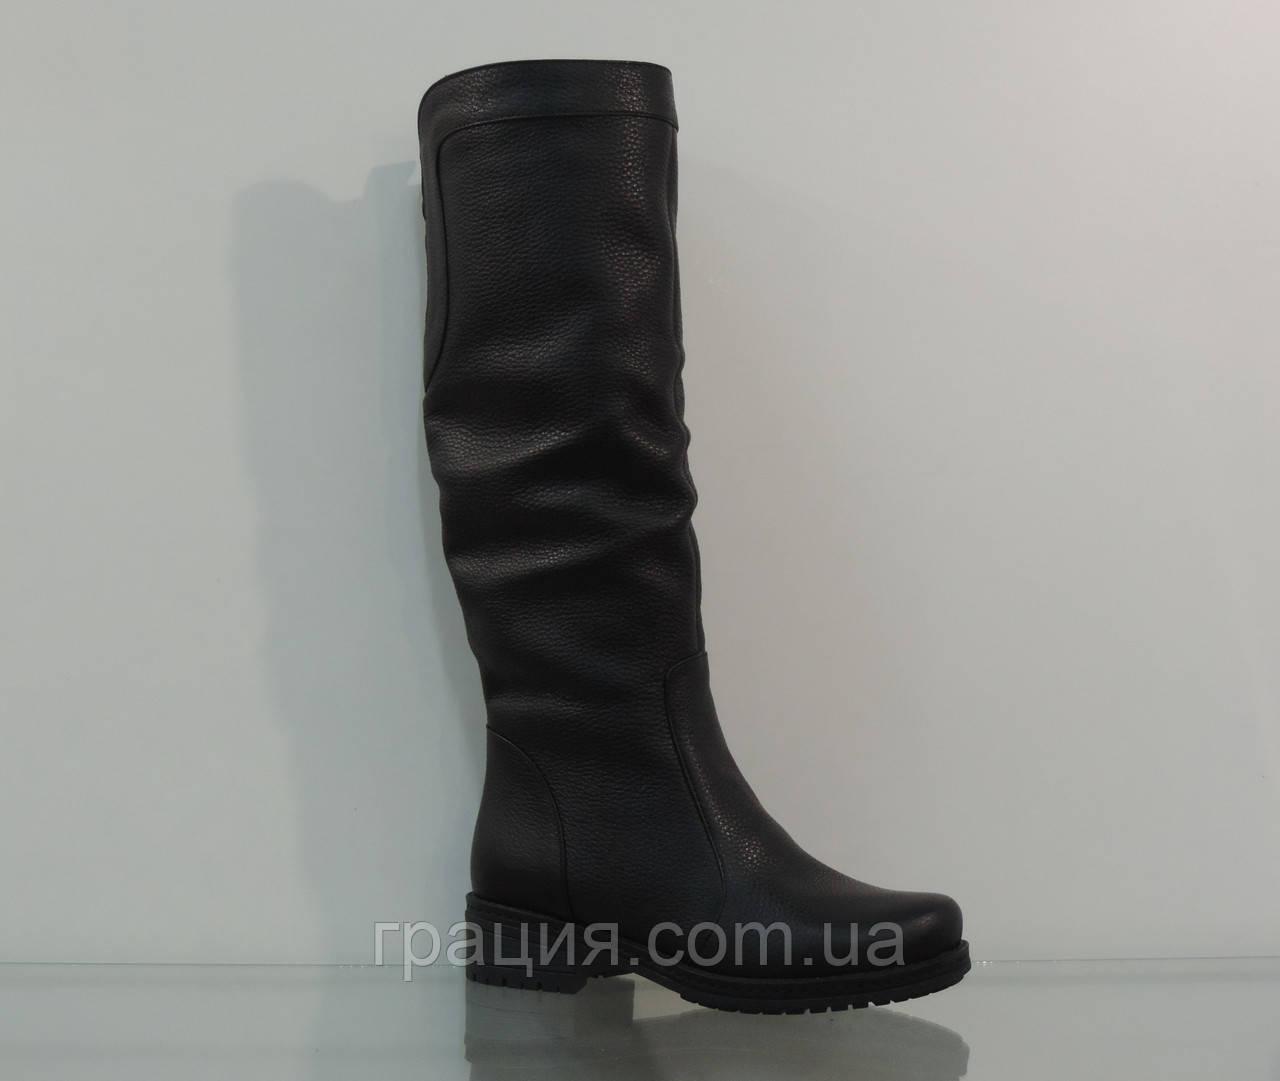 Зимние женские кожаные сапожки черные